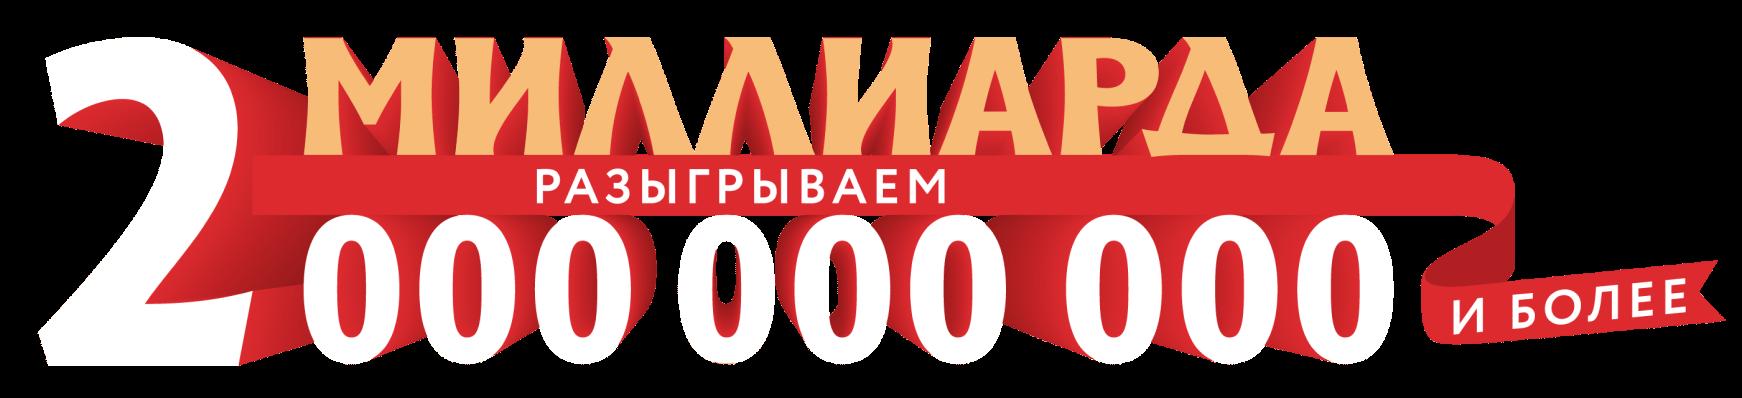 Новогодний приз русского лото «рызгрываем миллиард» — как купить билеты и какая вероятность выиграть?